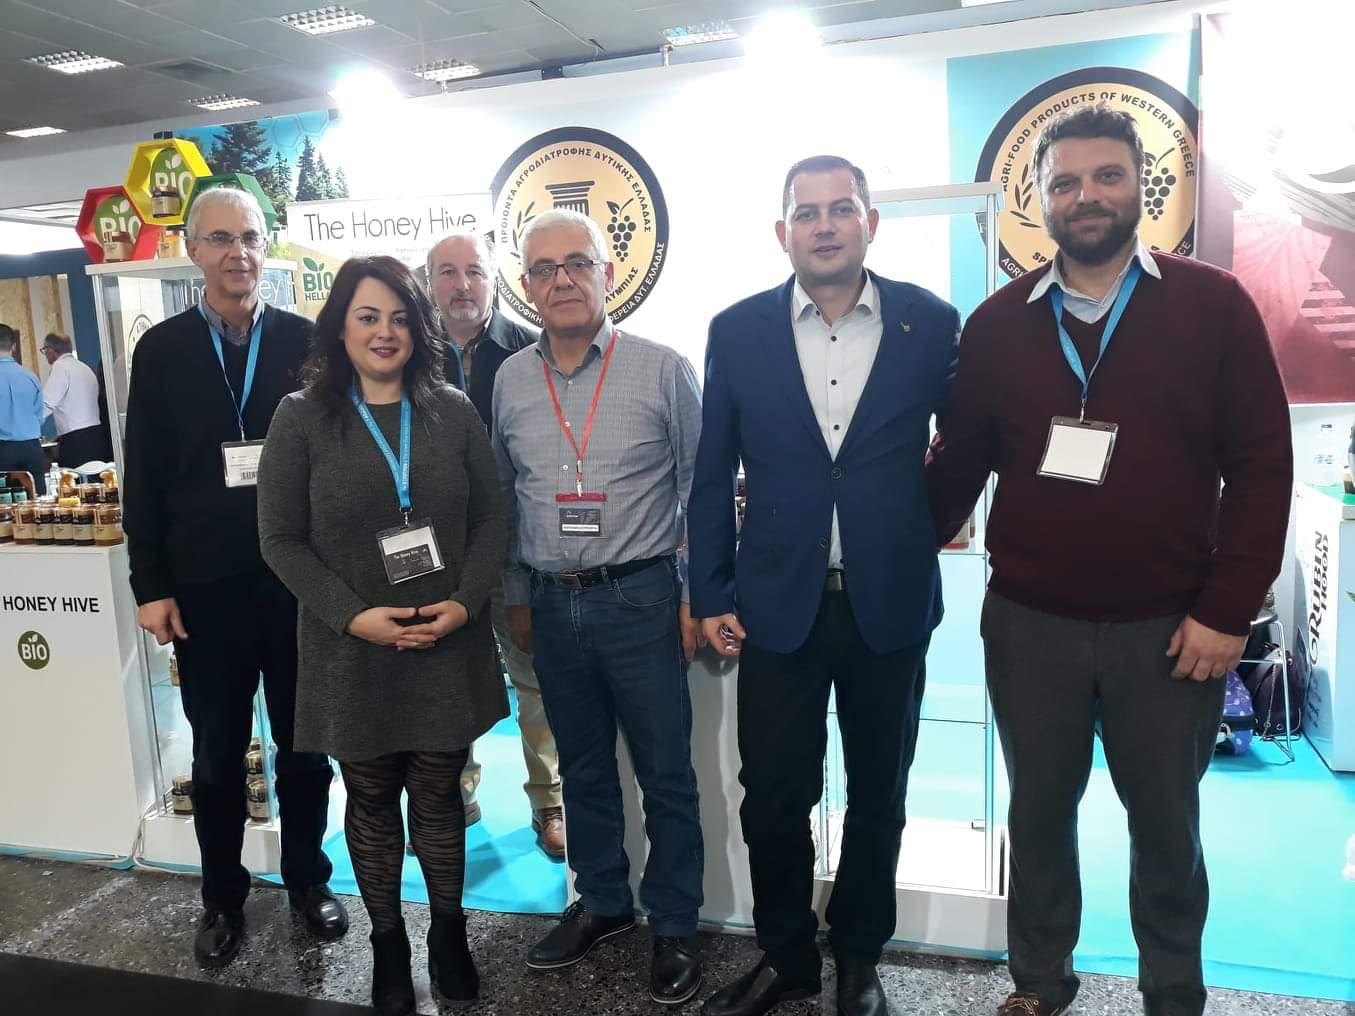 Στην 7η ΕΞΠΟΤΡΟΦ 2020 συμμετείχε η Περιφέρεια Δυτικής Ελλάδας, με δικό της ανανεωμένο περίπτερο